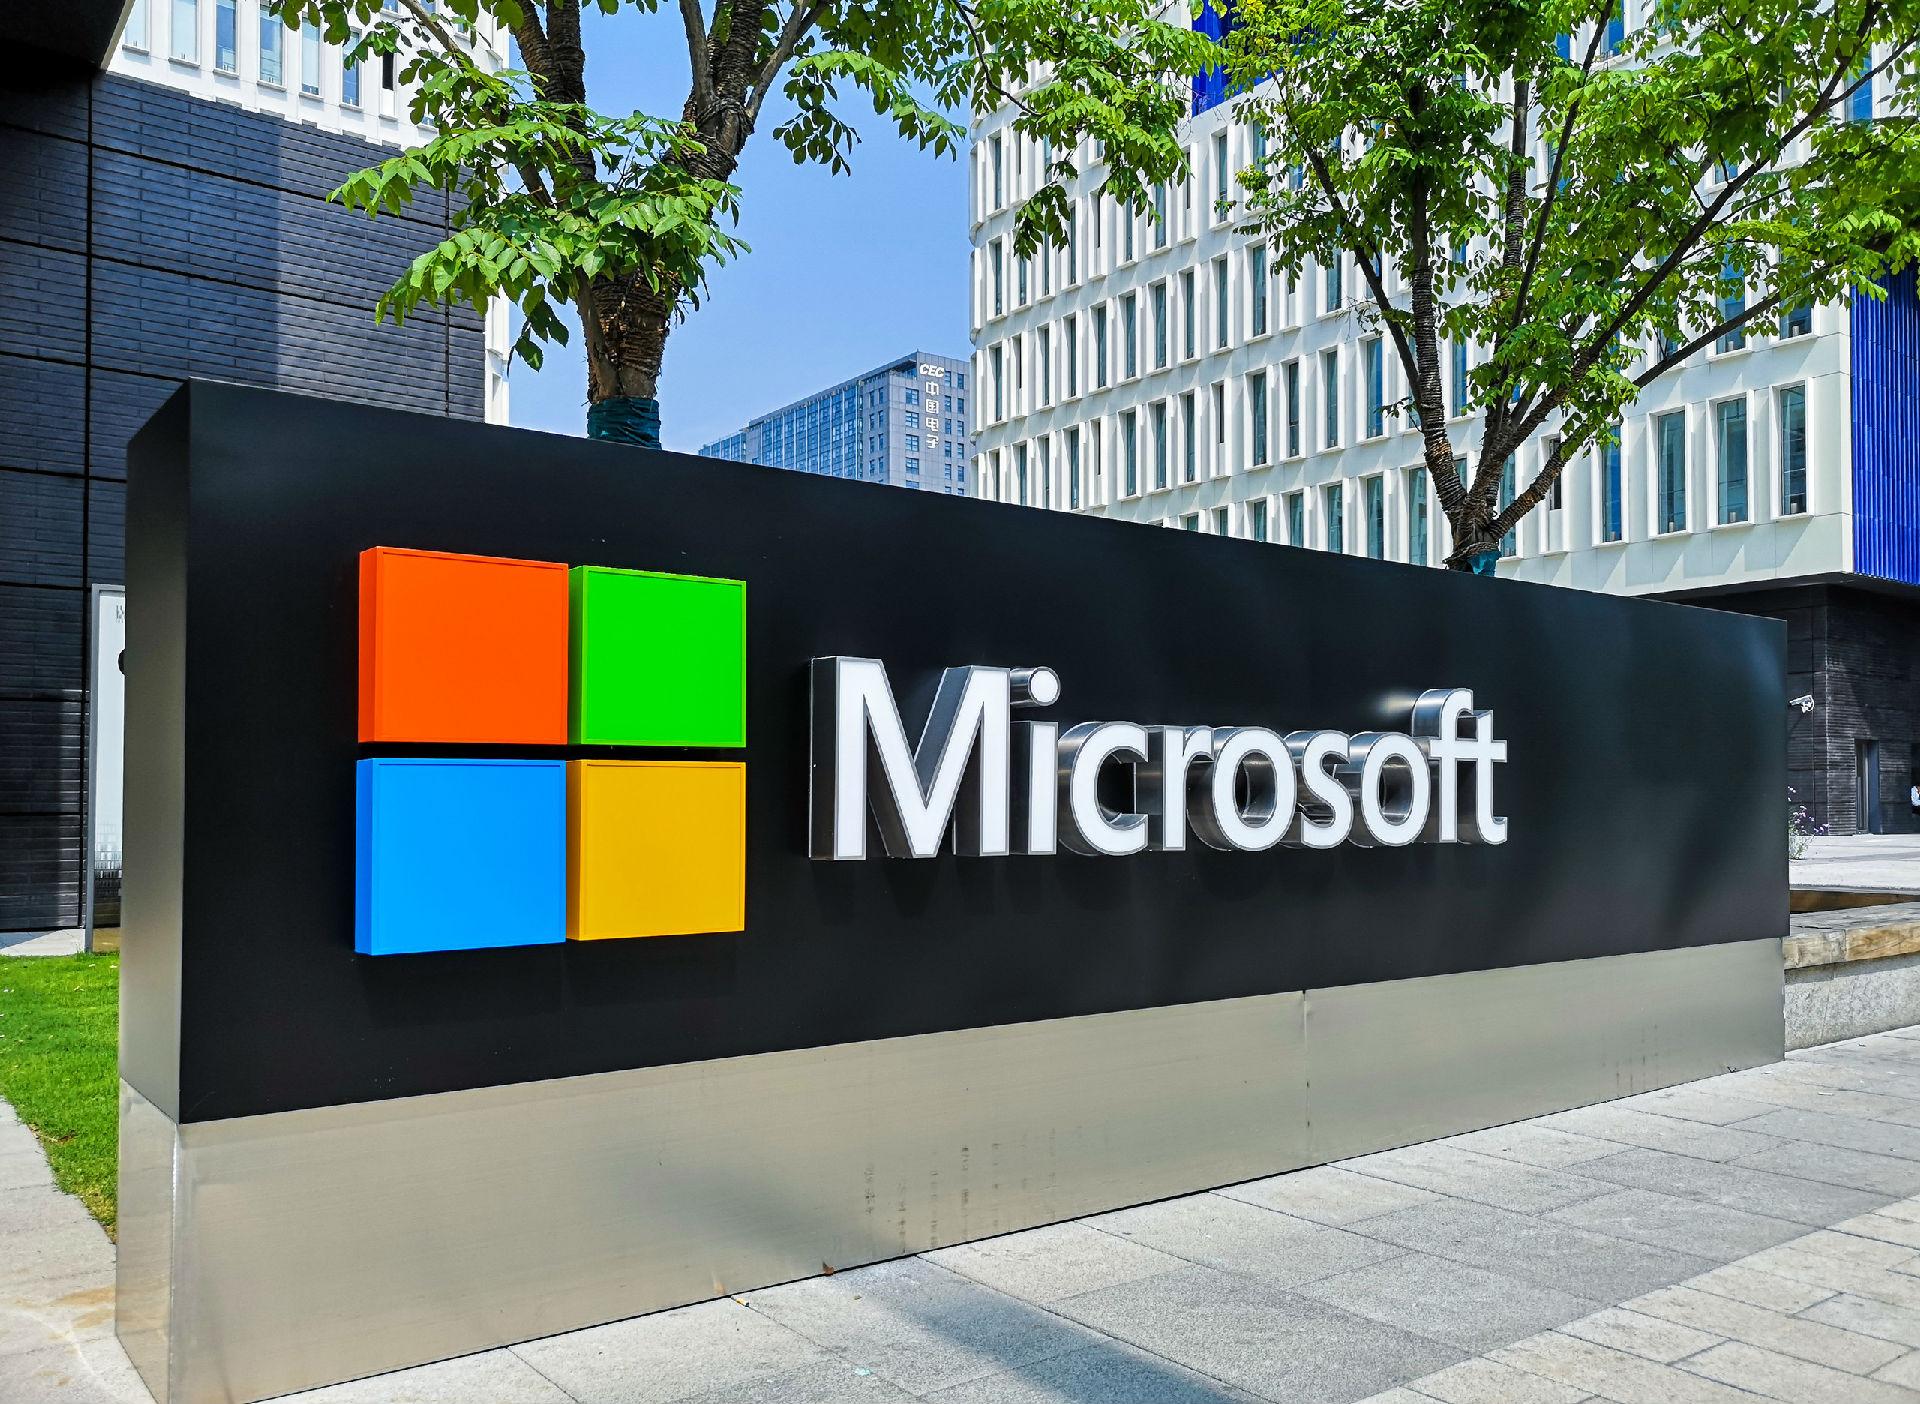 微软全球执行副总裁沈向洋将于2020年正式离职